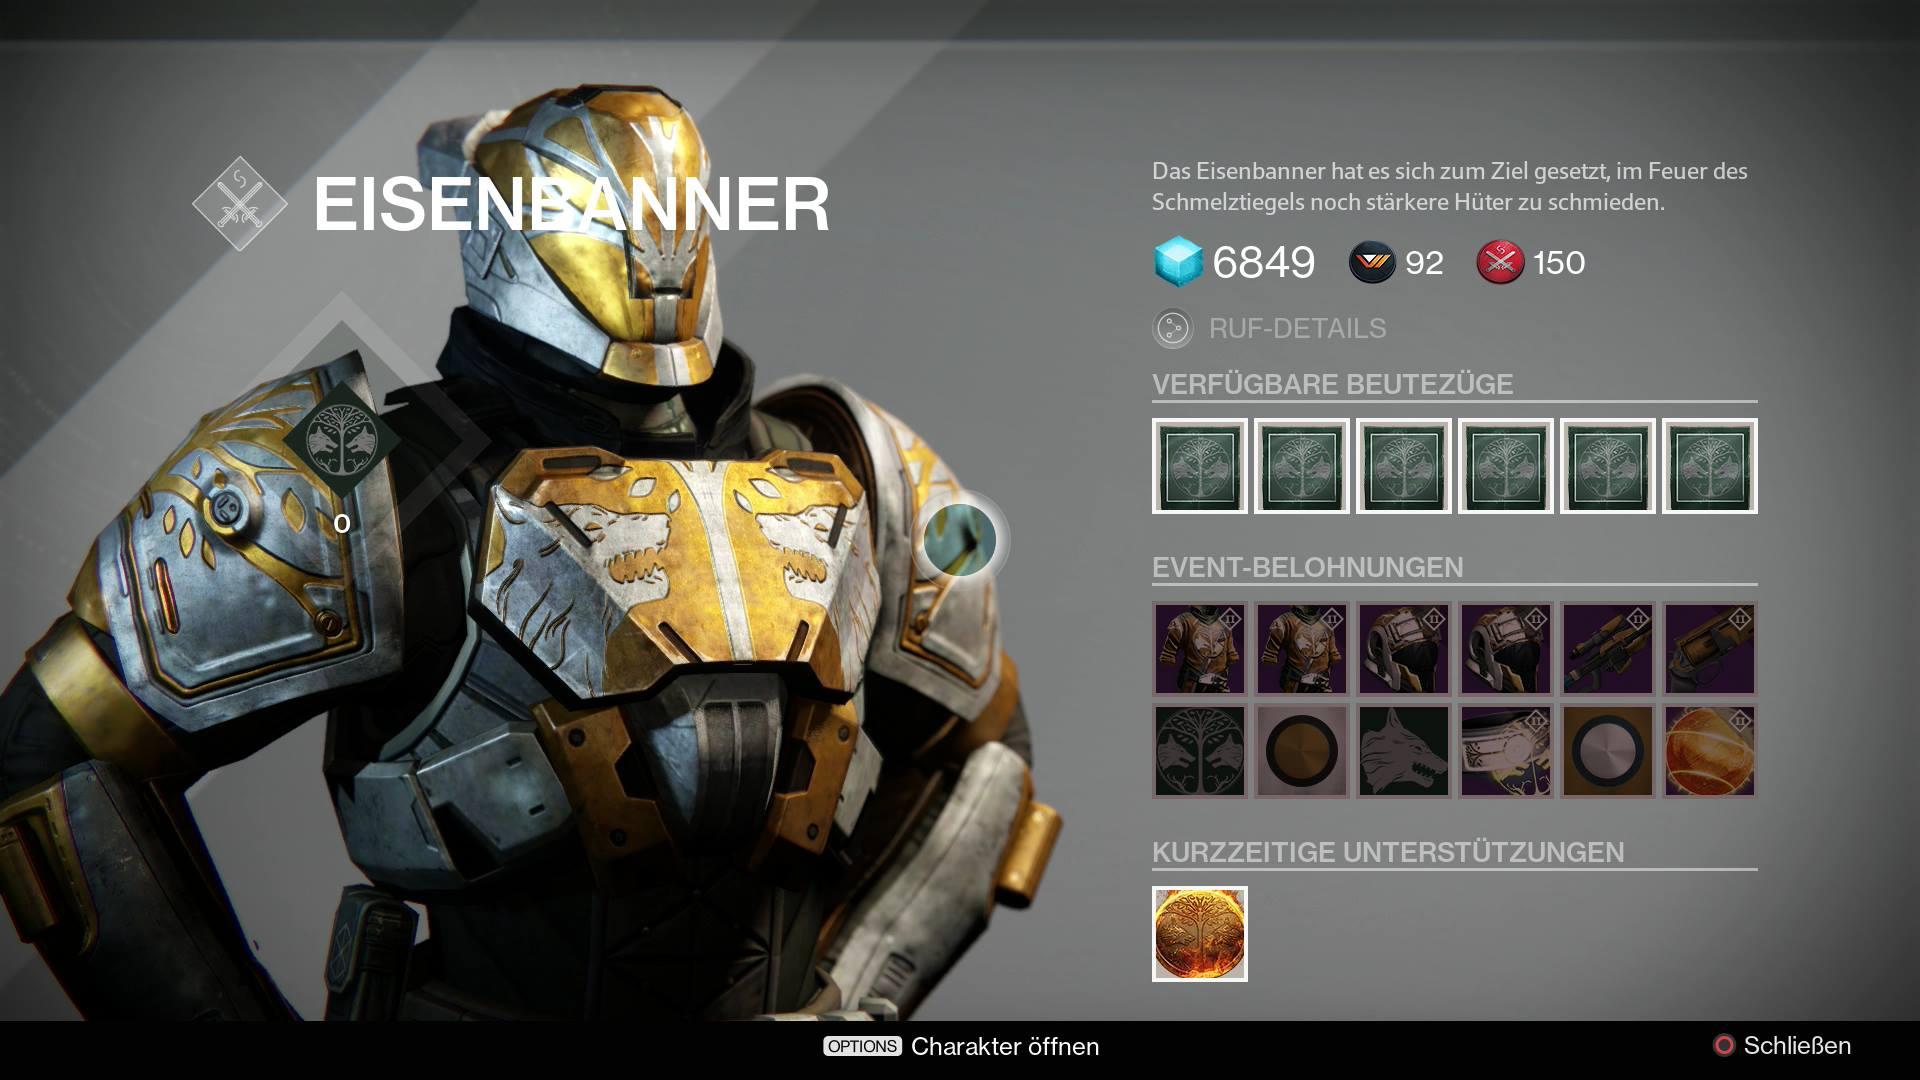 Destiny: Alles zum Eisenbanner im Juli – Lohnt es sich?